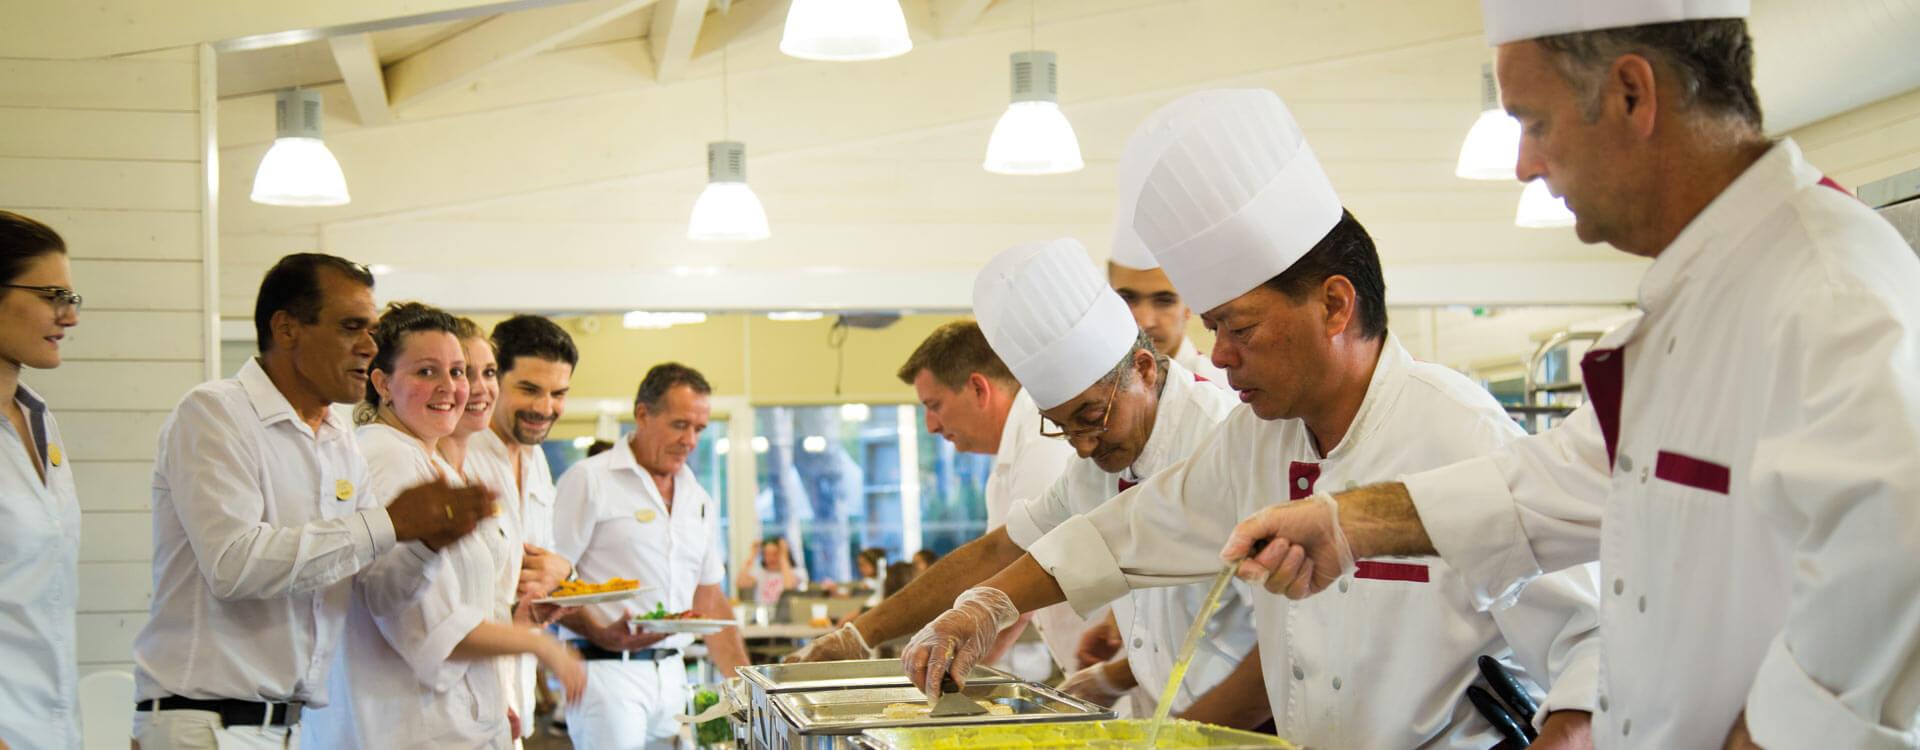 chefs restaurant hotel plein sud